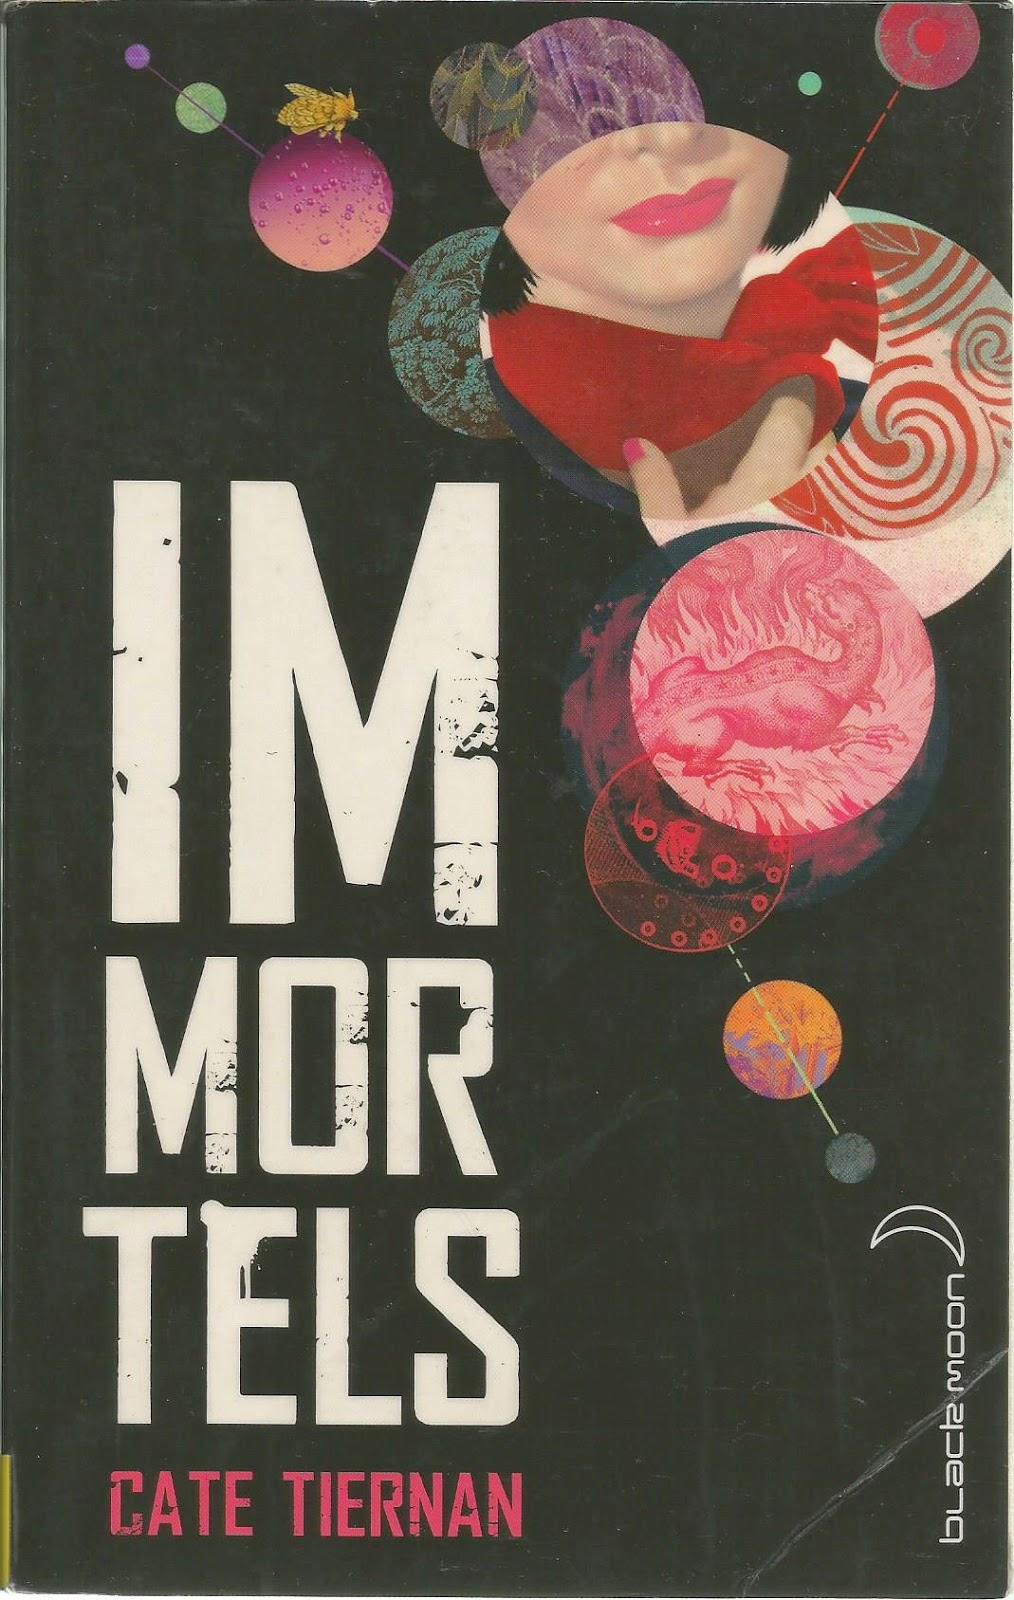 Immortels Cate Tiernan Les Mondes de Cassandre